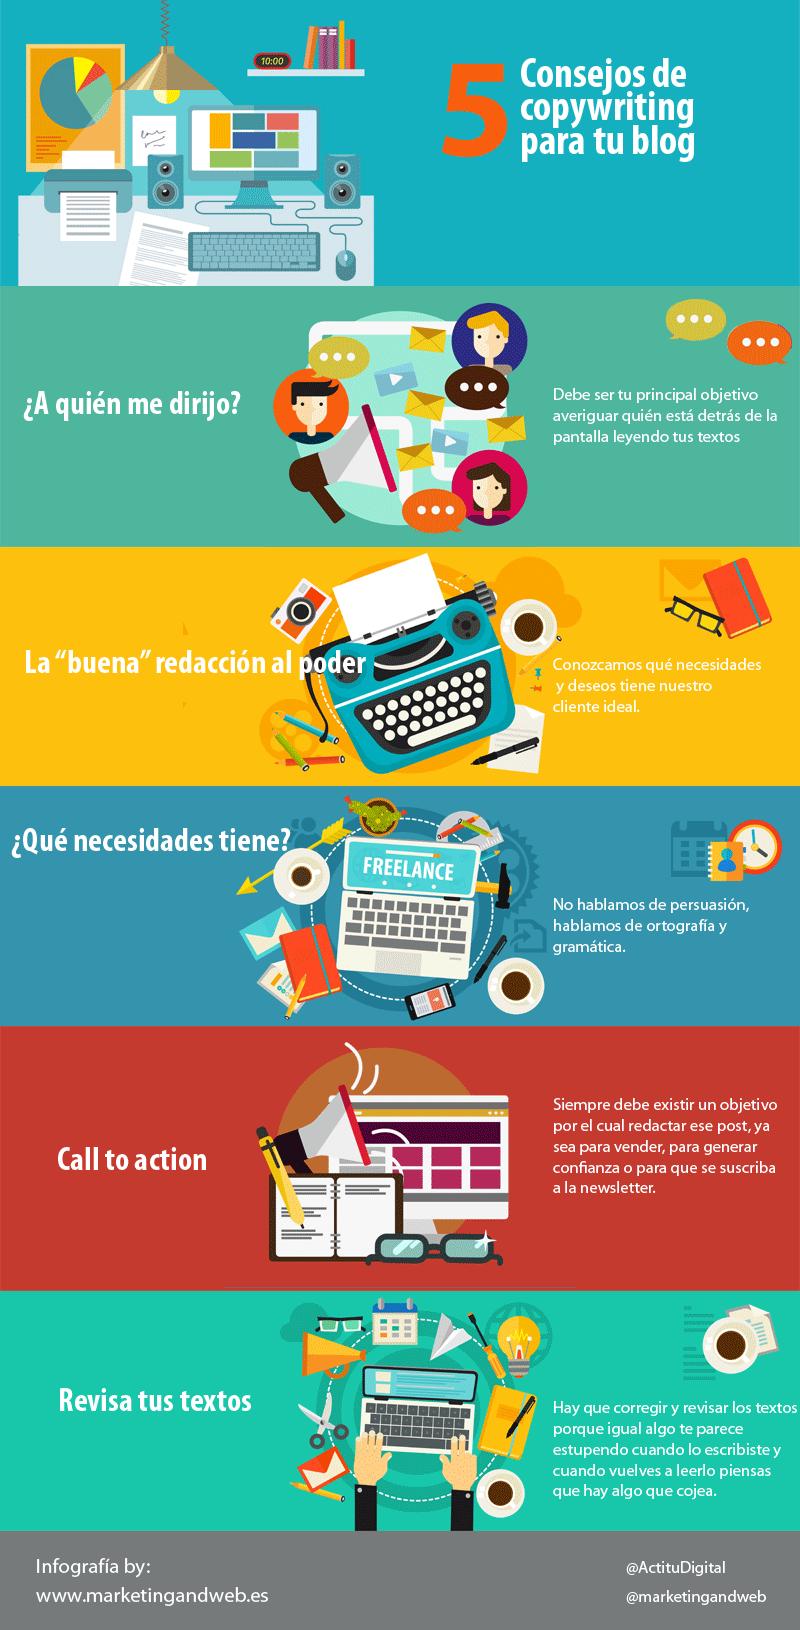 5 consejos de copywriting para tu Blog